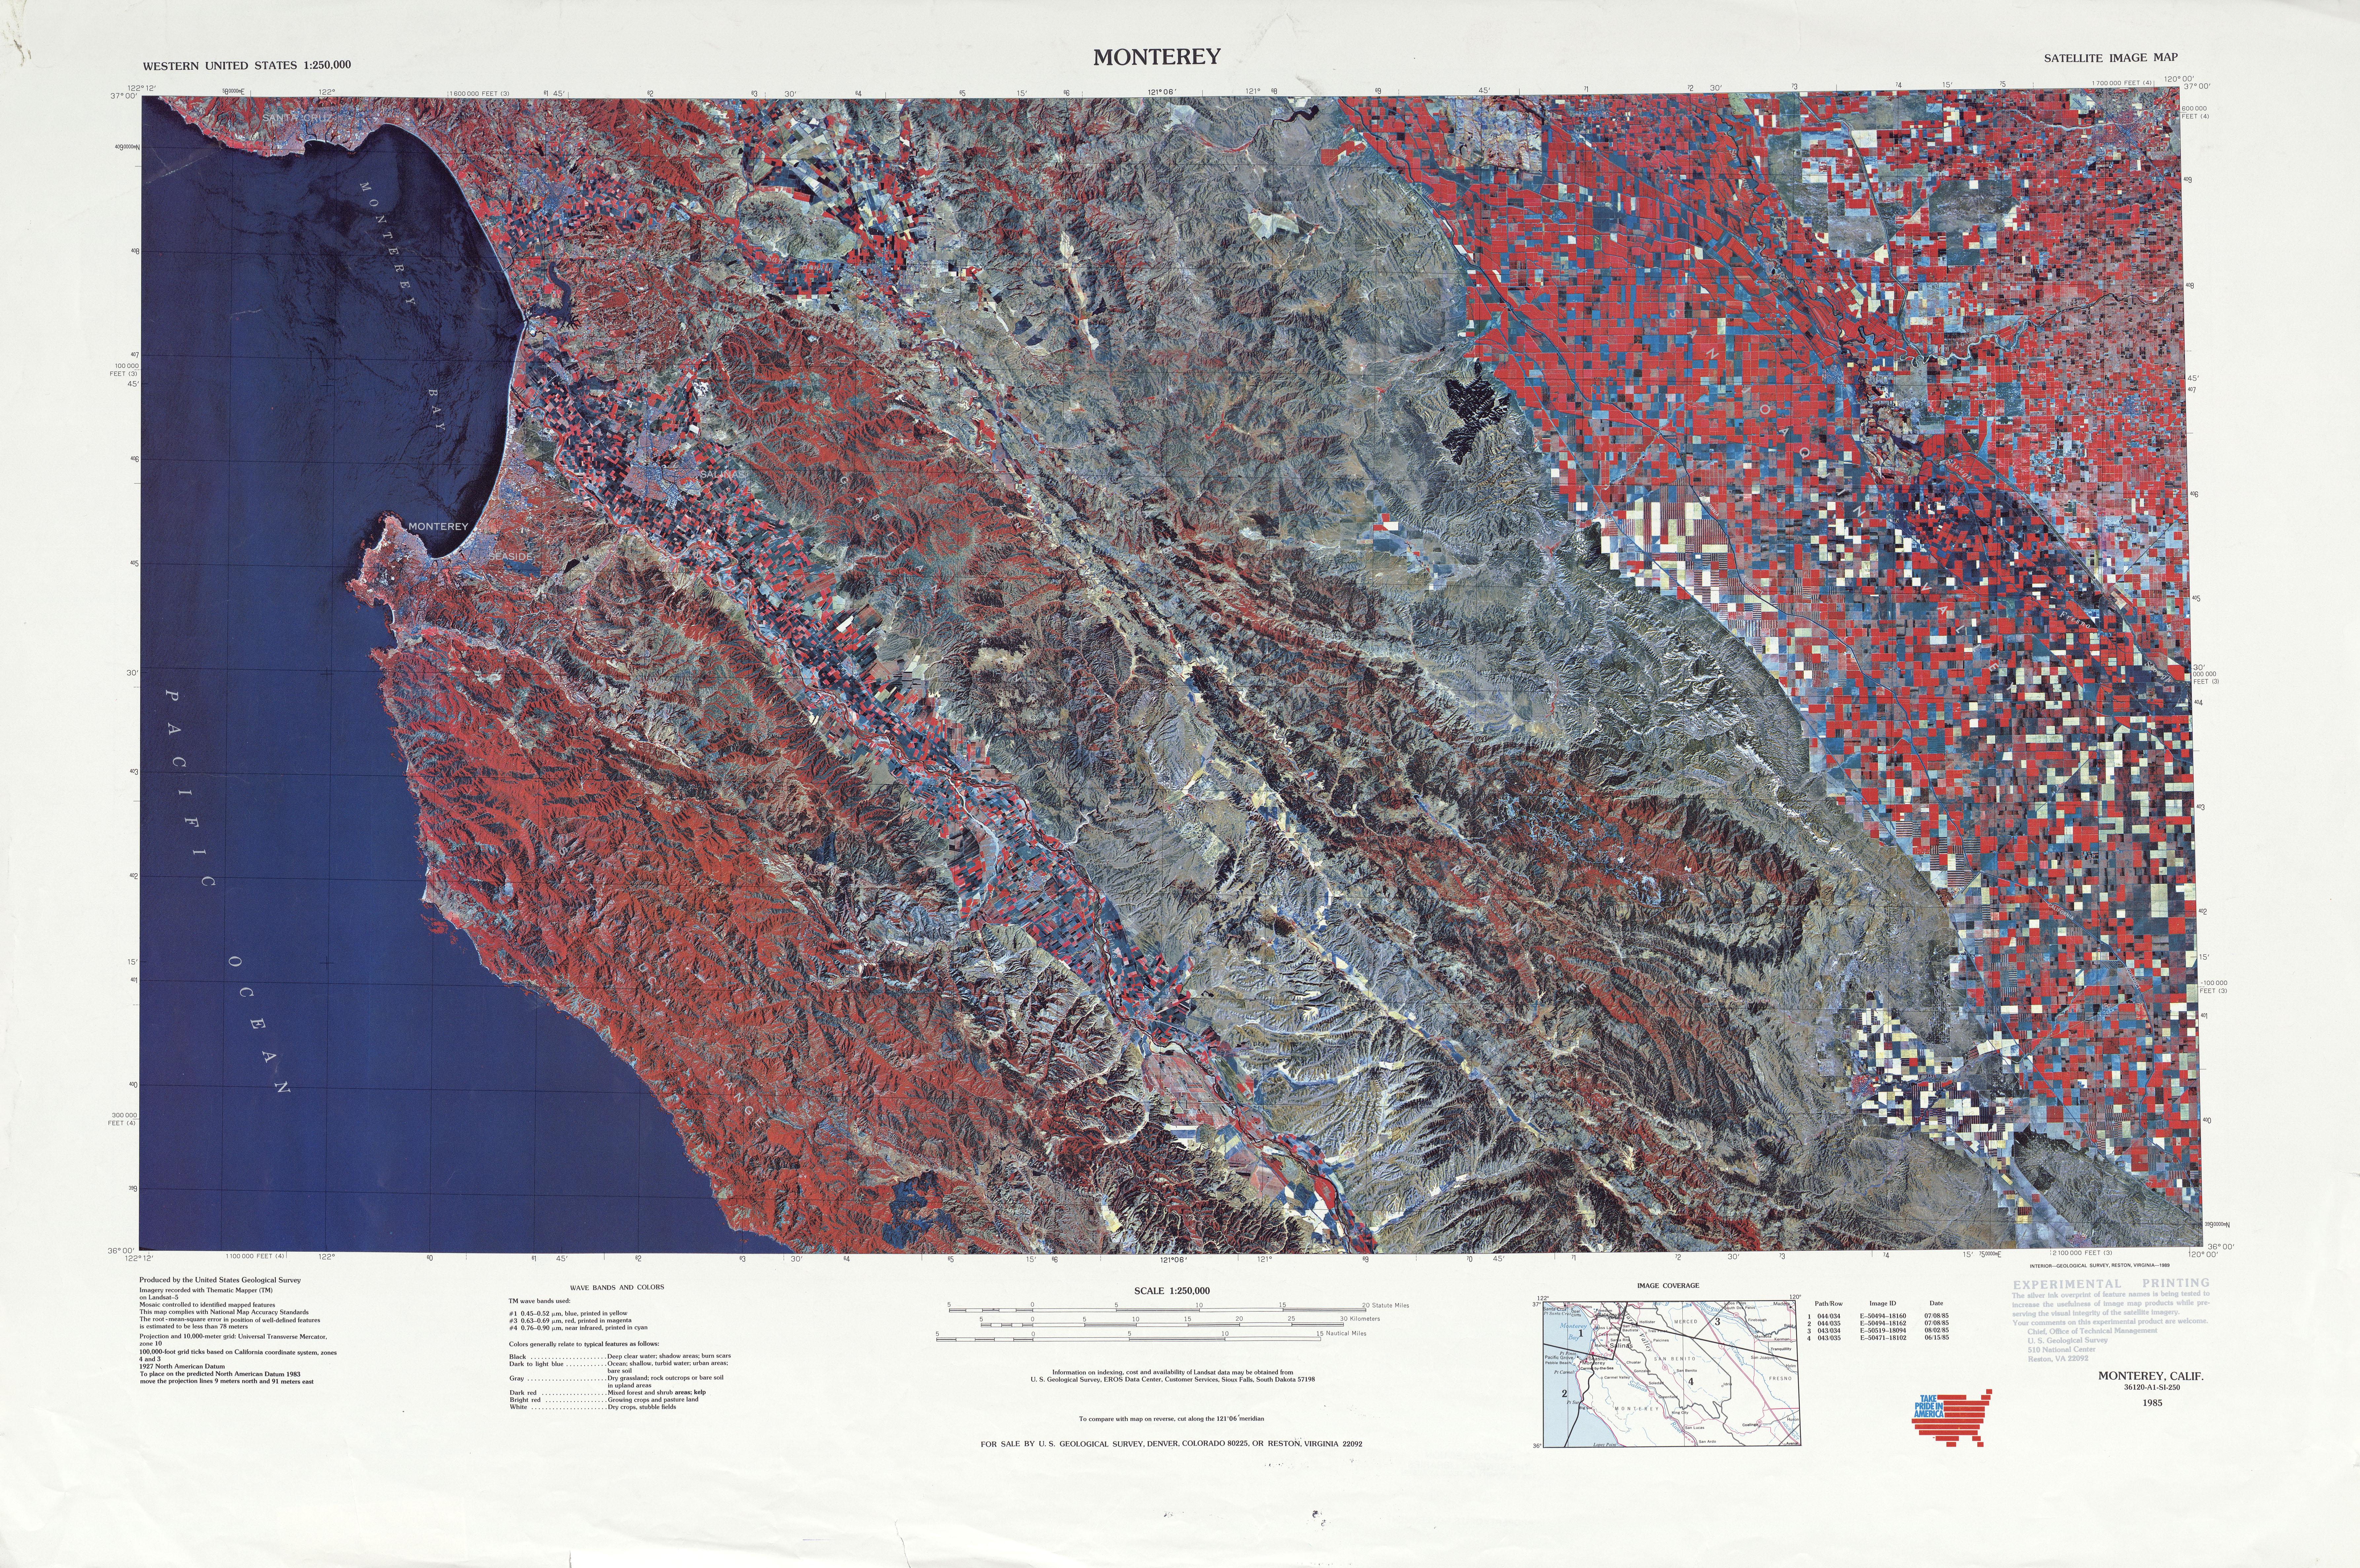 Hoja Monterey de la Imagen Satelital de los Estados Unidos 1985